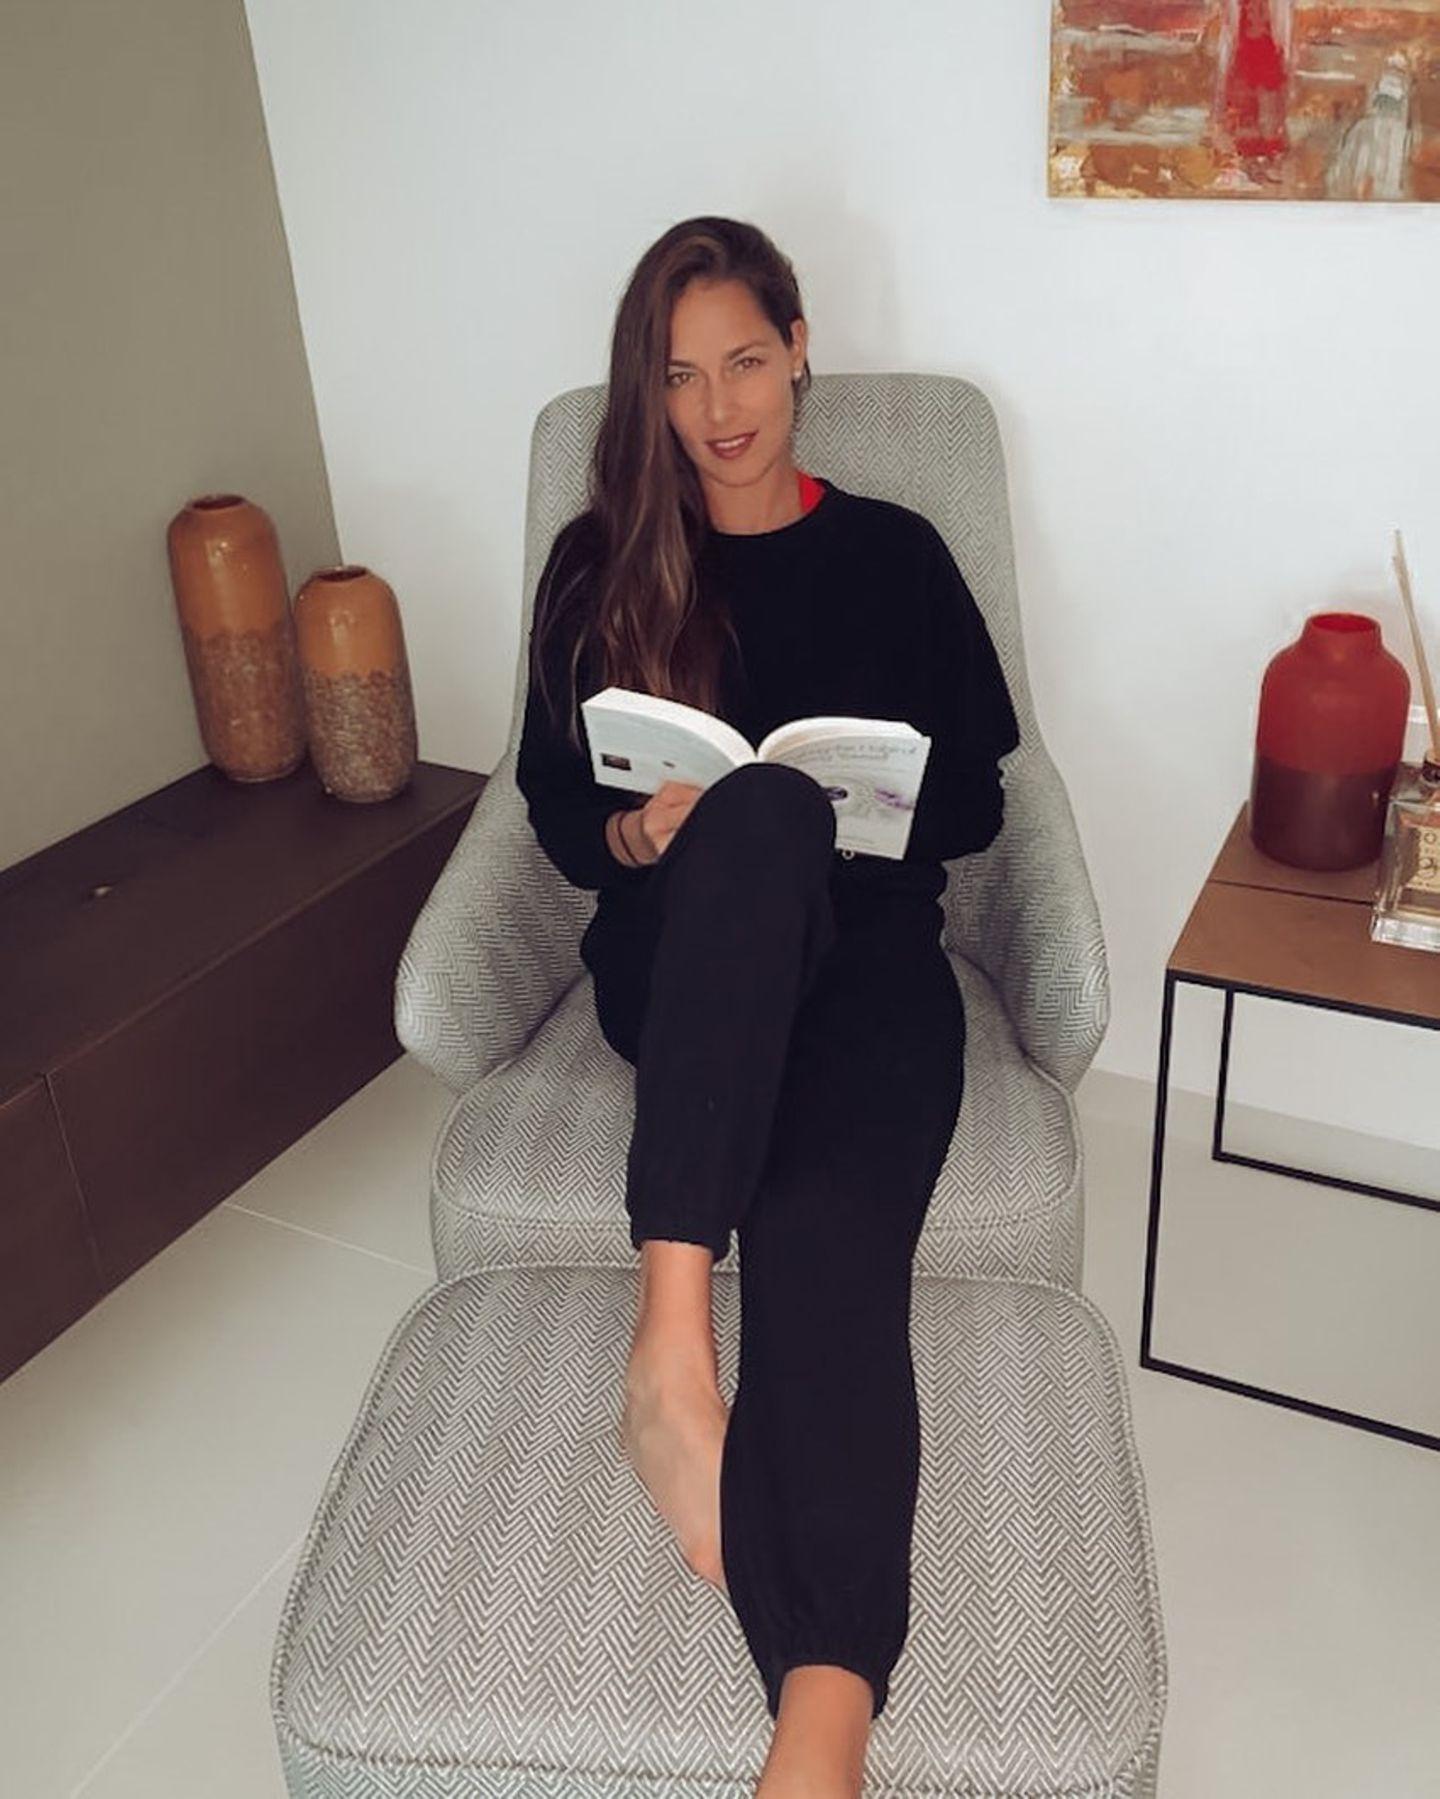 """Nach ihrem Lieblingsbuch gefragt, empfiehlt Ana Ivanovic """"Eine neues Ich"""" (Originaltitel: """"Breaking the Habit of Being Yourself"""") von Neurowissenschaftler Dr. Joe Dispenza."""